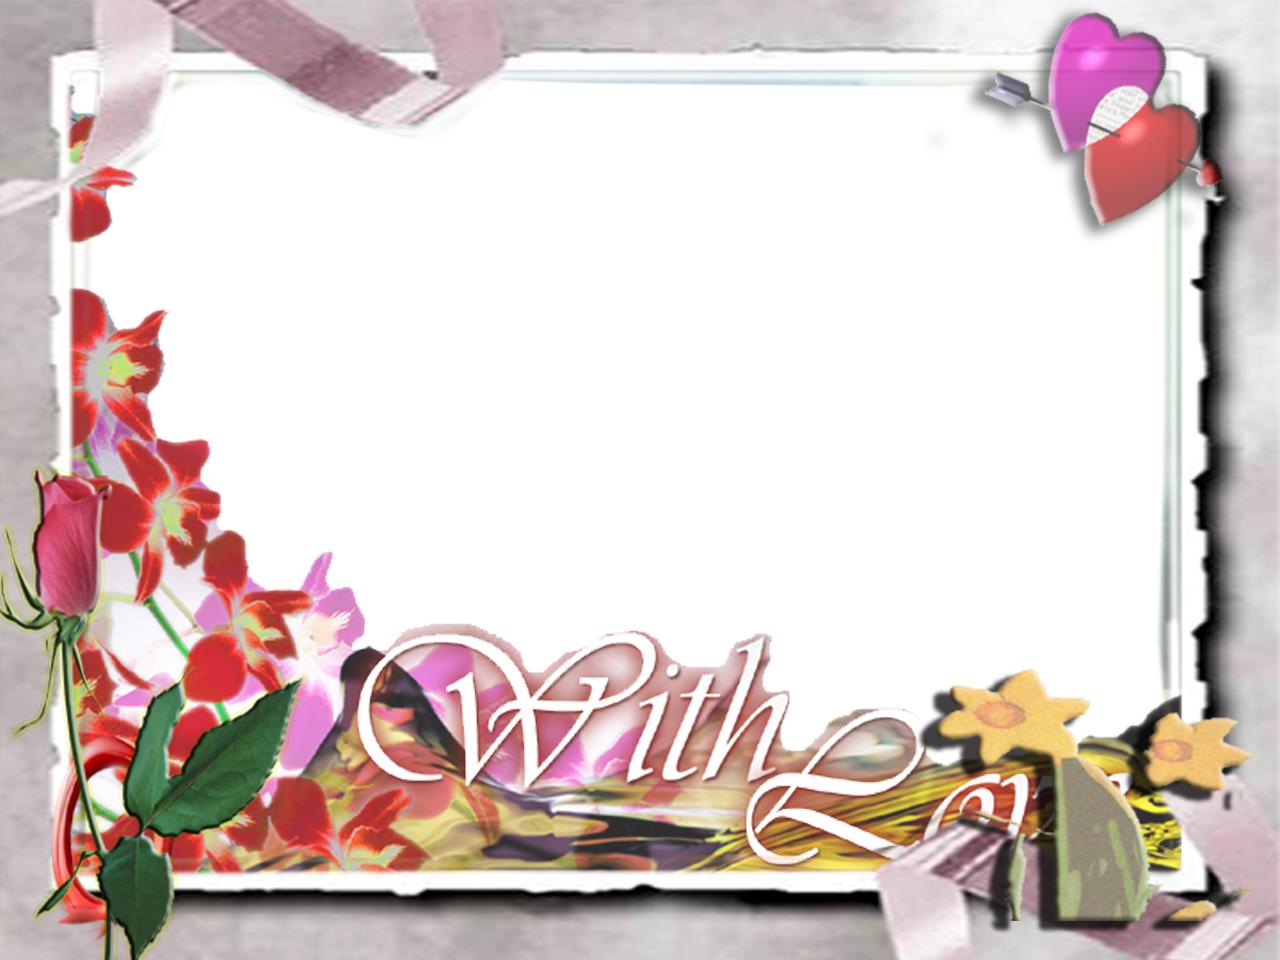 http://4.bp.blogspot.com/_RphxnciltFY/THKoNfE6zUI/AAAAAAAAAMg/wTyVGBpY_eo/s1600/frame%20cantik%2001.jpg